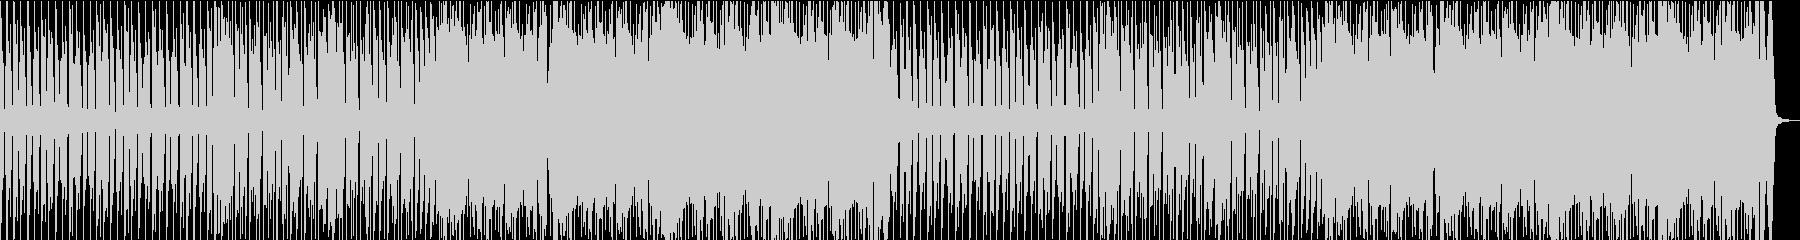 切迫したエレクトロの未再生の波形